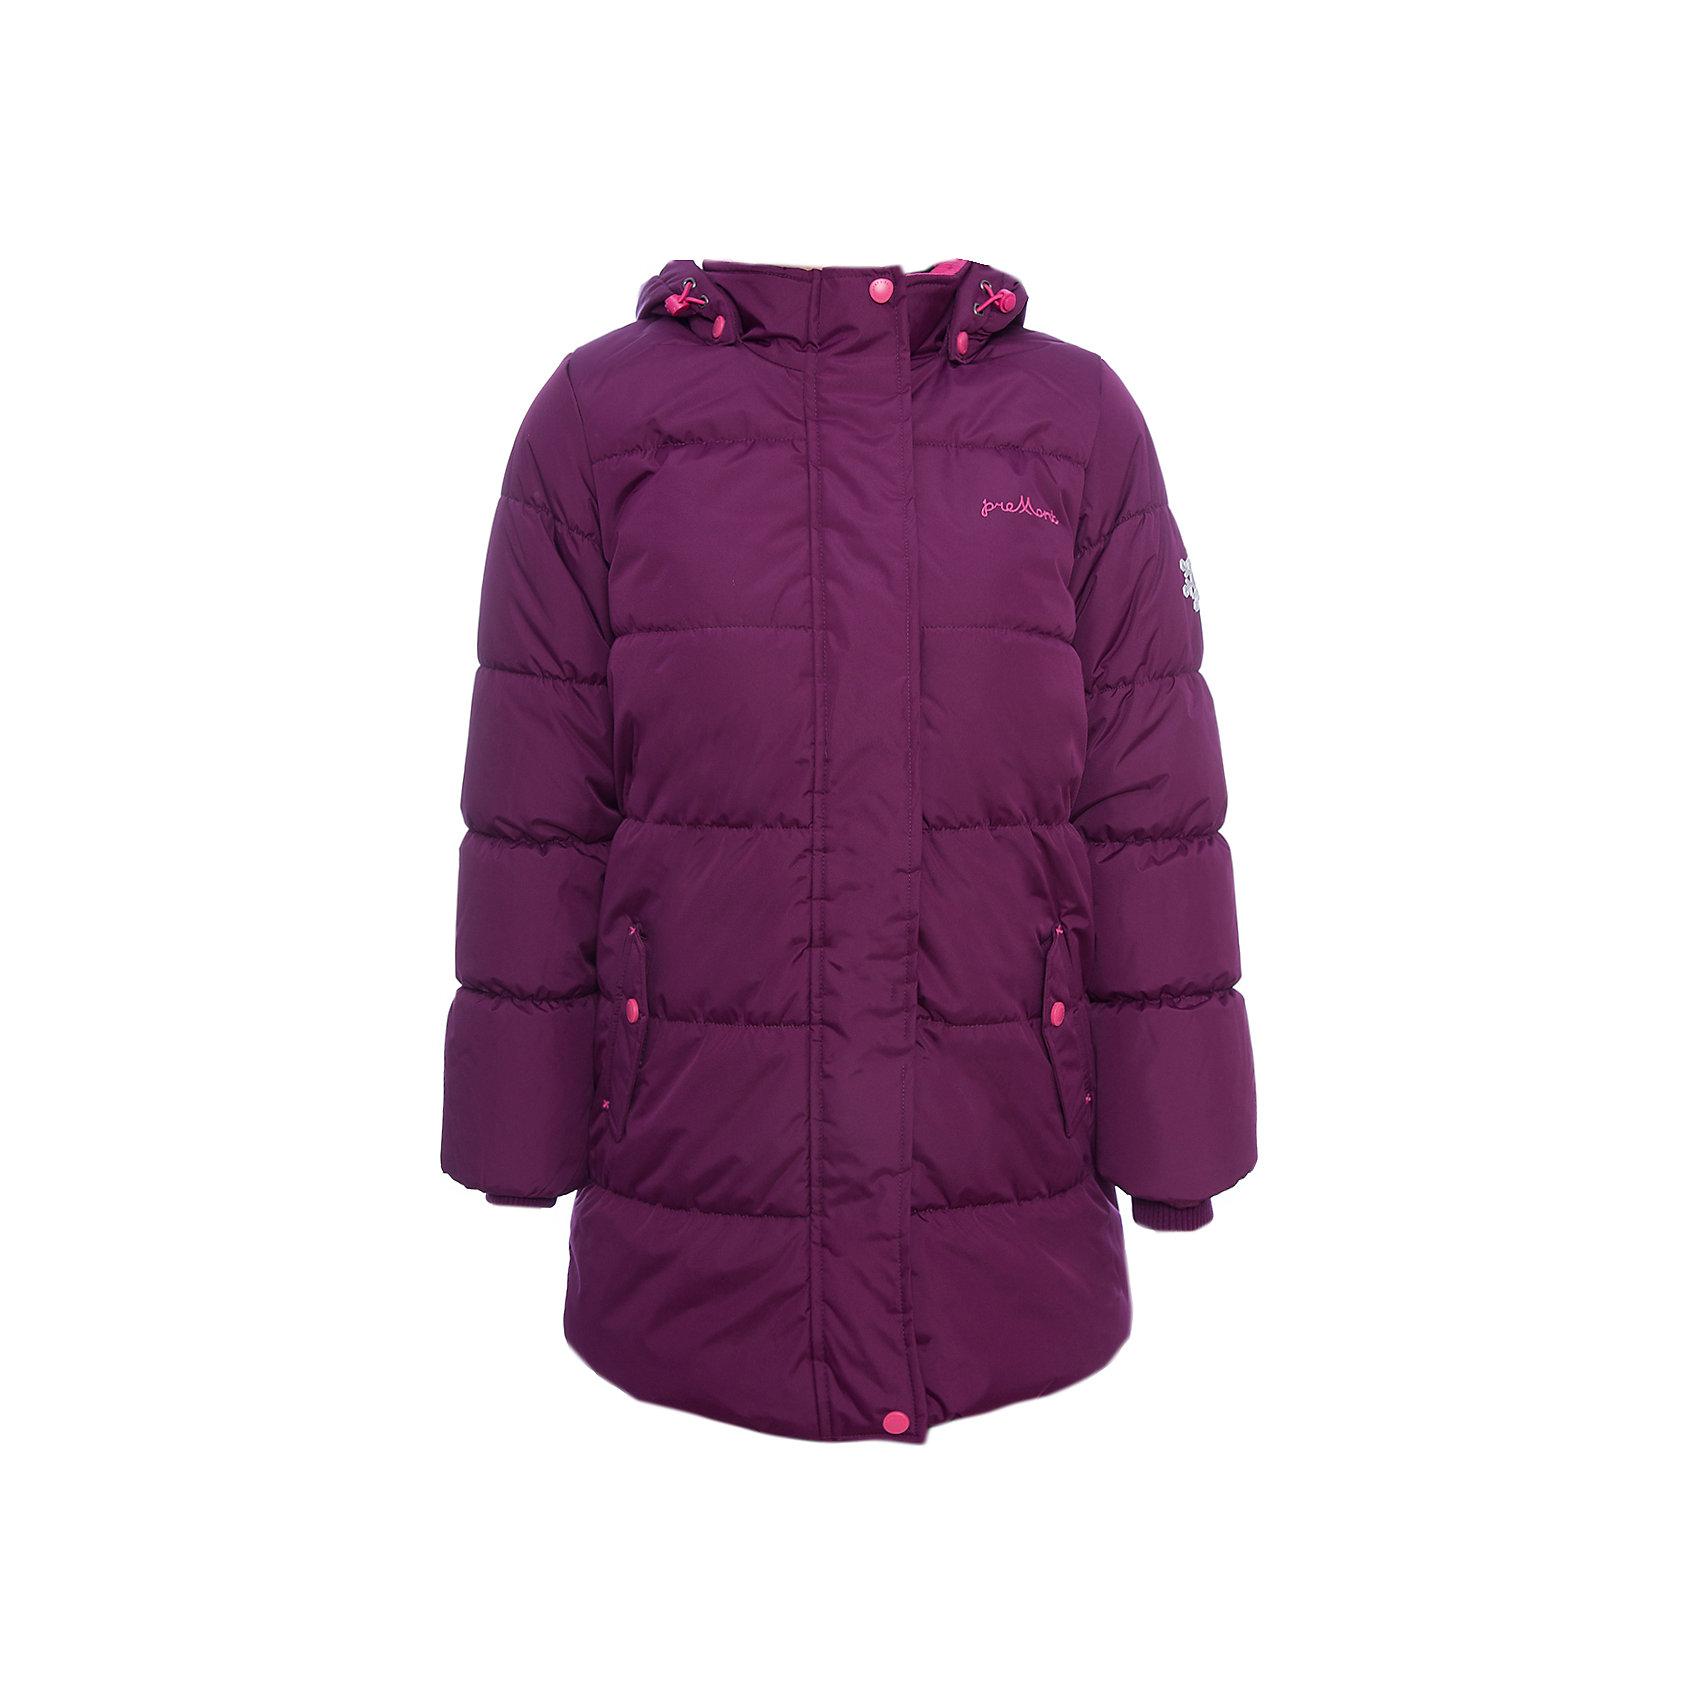 Пальто Premont для девочкиВерхняя одежда<br>Характеристики товара:<br><br>• цвет: фиолетовый<br>• состав ткани: Taslan<br>• подкладка: Polar fleece, Taffeta<br>• утеплитель: Tech-polyfill<br>• сезон: зима<br>• мембранное покрытие<br>• температурный режим: от -30 до +5<br>• водонепроницаемость: 5000 мм <br>• паропроницаемость: 5000 г/м2<br>• плотность утеплителя: 280 г/м2<br>• капюшон: съемный<br>• искусственный мех на капюшоне отстегивается<br>• застежка: молния<br>• страна бренда: Канада<br>• страна изготовитель: Китай<br><br>Удлиненное мембранное пальто для девочки выглядит стильно и комфортно садится по фигуре. Обеспечить ребенку тепло и удобство в морозы поможет это детское пальто. Зимнее пальто дополнено эластичными манжетами, светоотражающими элементами, лямками, планкой от ветра и карманами на липучках. <br><br>Пальто для девочки Premont (Премонт) можно купить в нашем интернет-магазине.<br><br>Ширина мм: 356<br>Глубина мм: 10<br>Высота мм: 245<br>Вес г: 519<br>Цвет: фиолетовый<br>Возраст от месяцев: 48<br>Возраст до месяцев: 60<br>Пол: Женский<br>Возраст: Детский<br>Размер: 110,164,158,152,146,140,74,128,122,116<br>SKU: 7088276